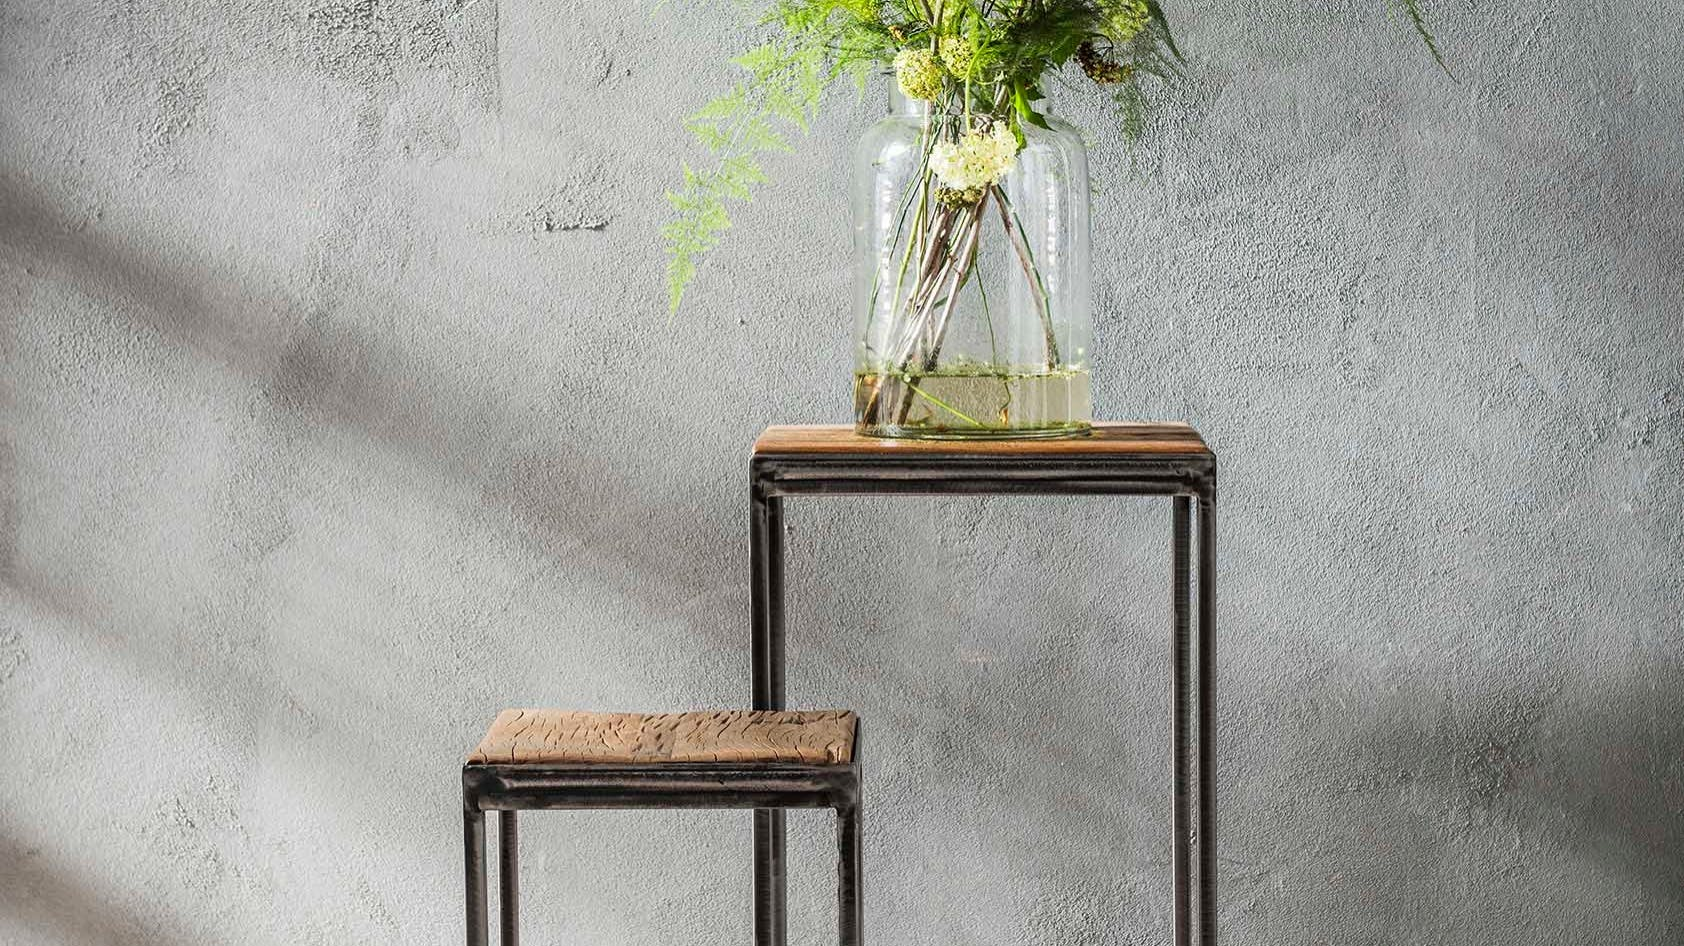 Sellettes et tables d'appoint en bois recyclé : ronde, carrée...